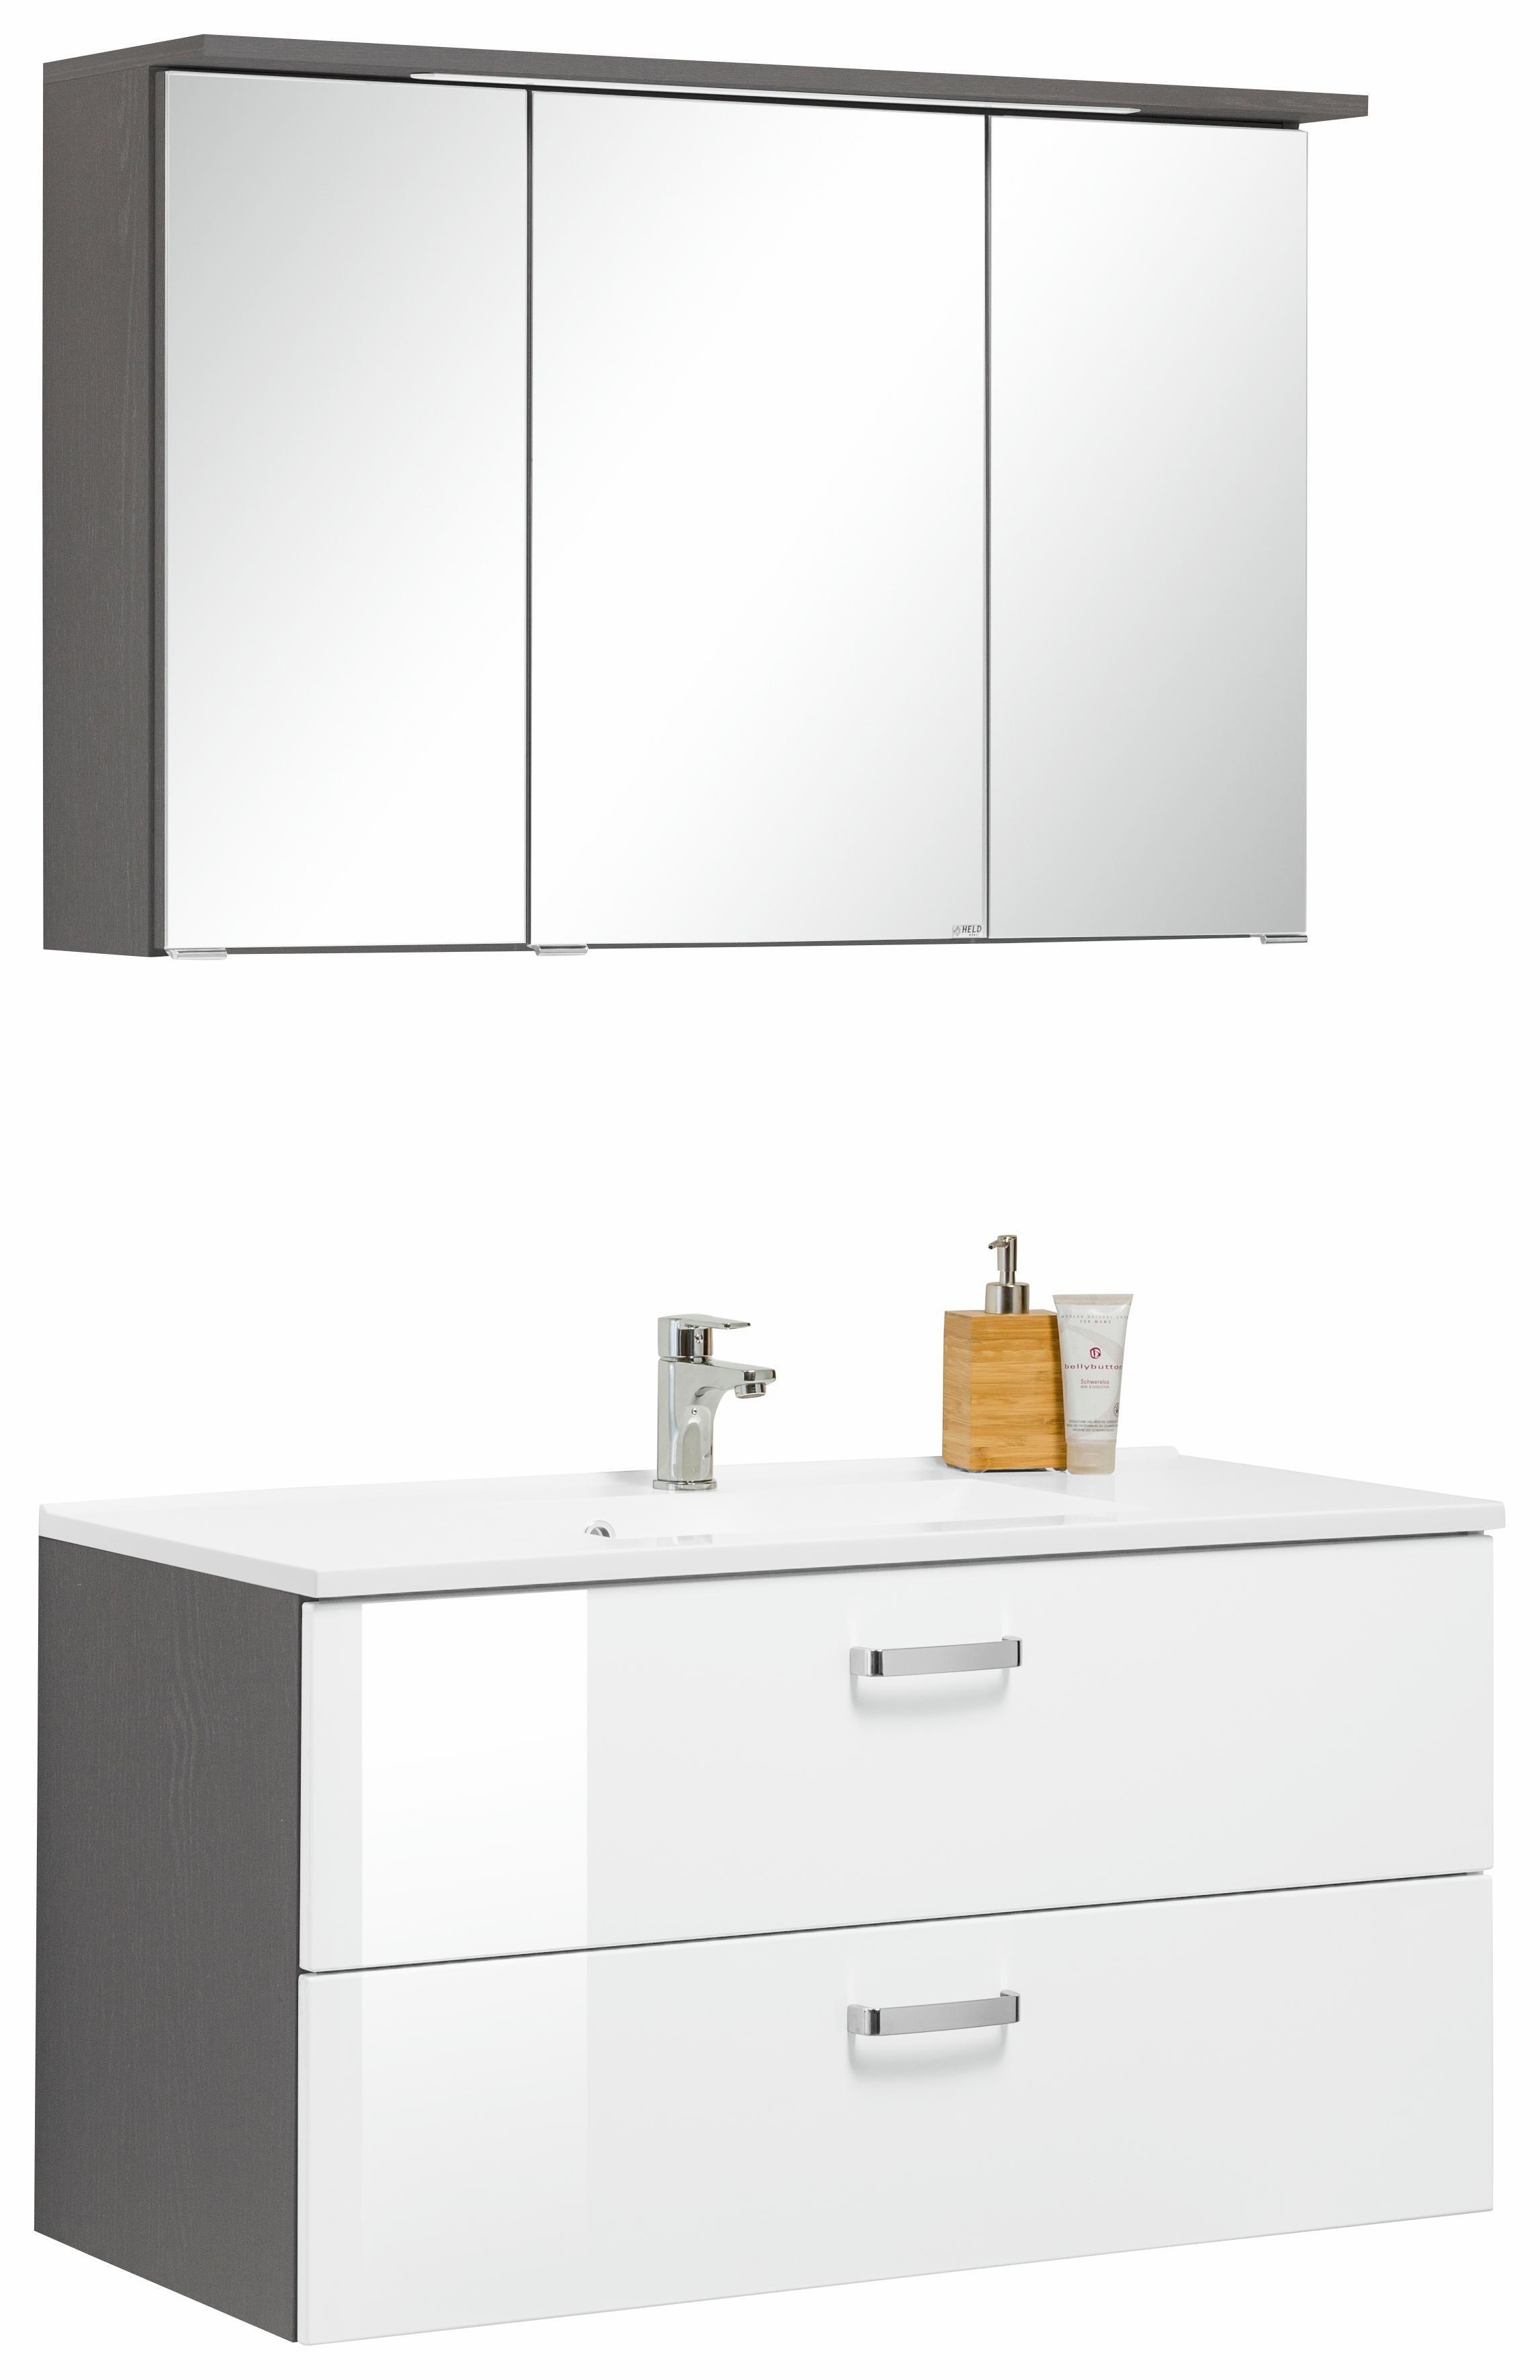 perfectfurn Badmöbel-Sets online kaufen   Möbel-Suchmaschine ...